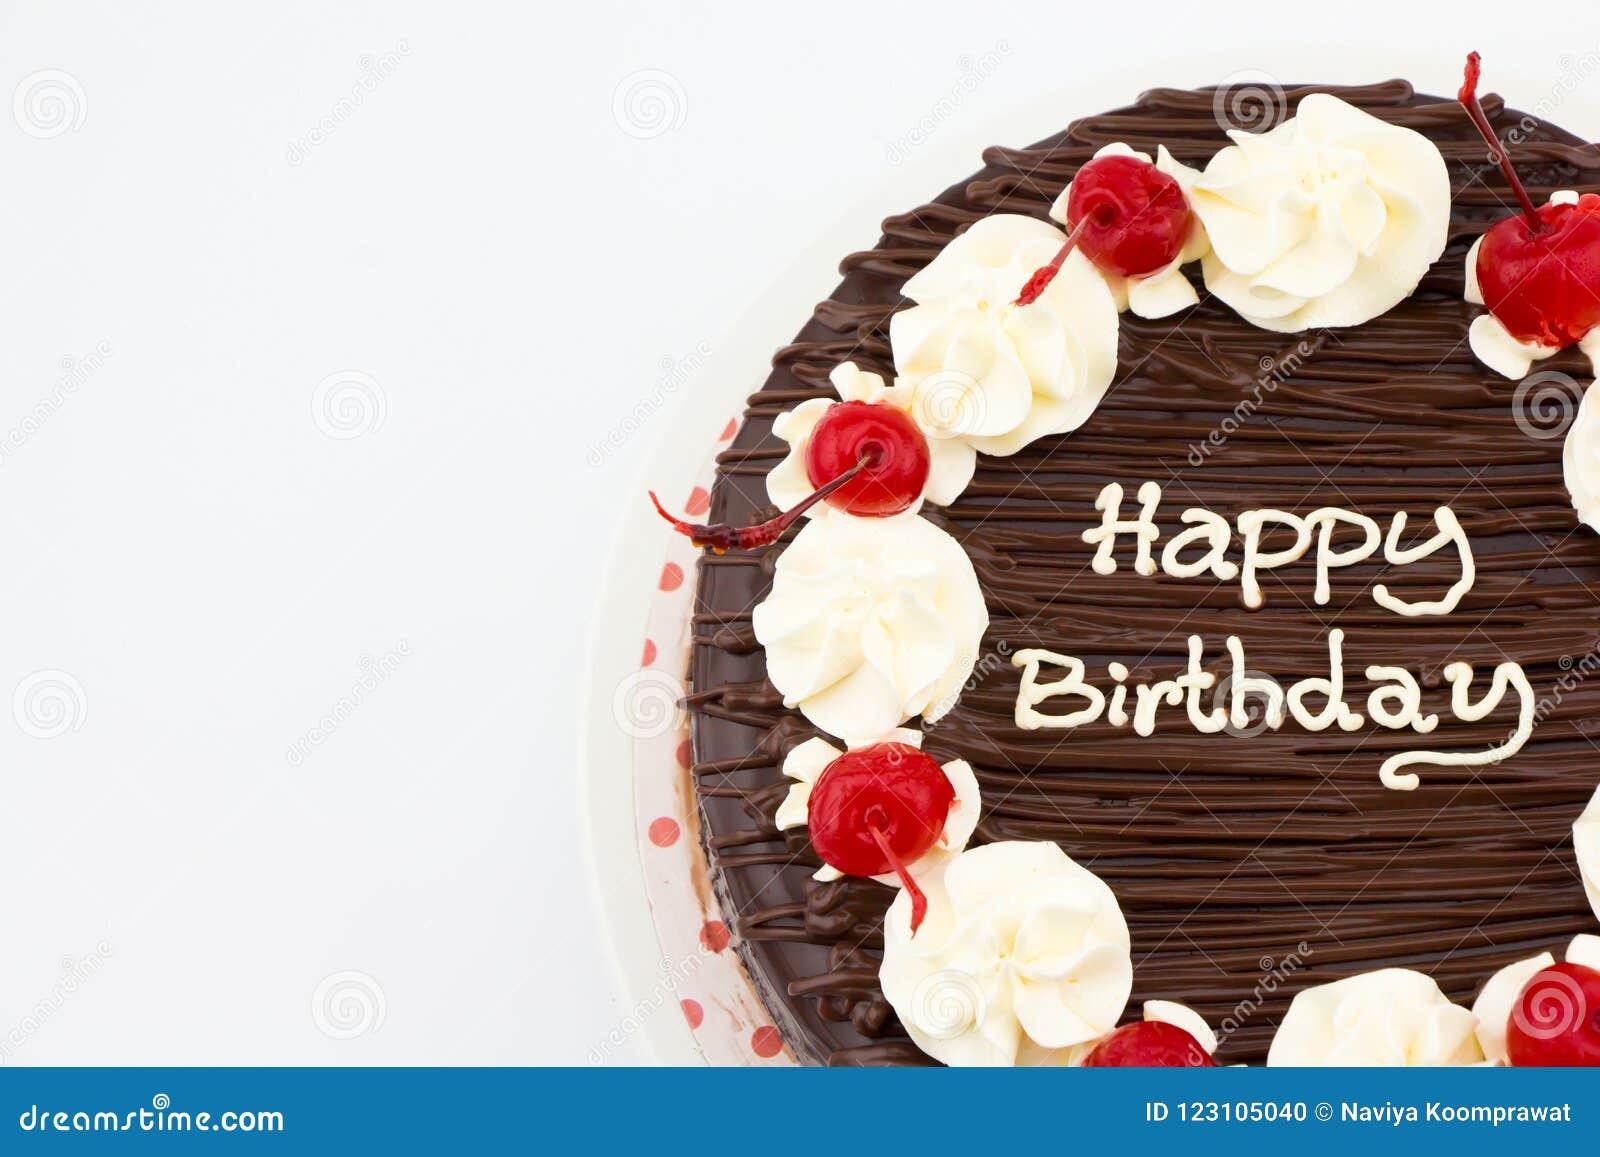 Schokoladenkuchen, Schokoladenfondant-Kuchen mit alles- Gute zum Geburtstagmitteilung